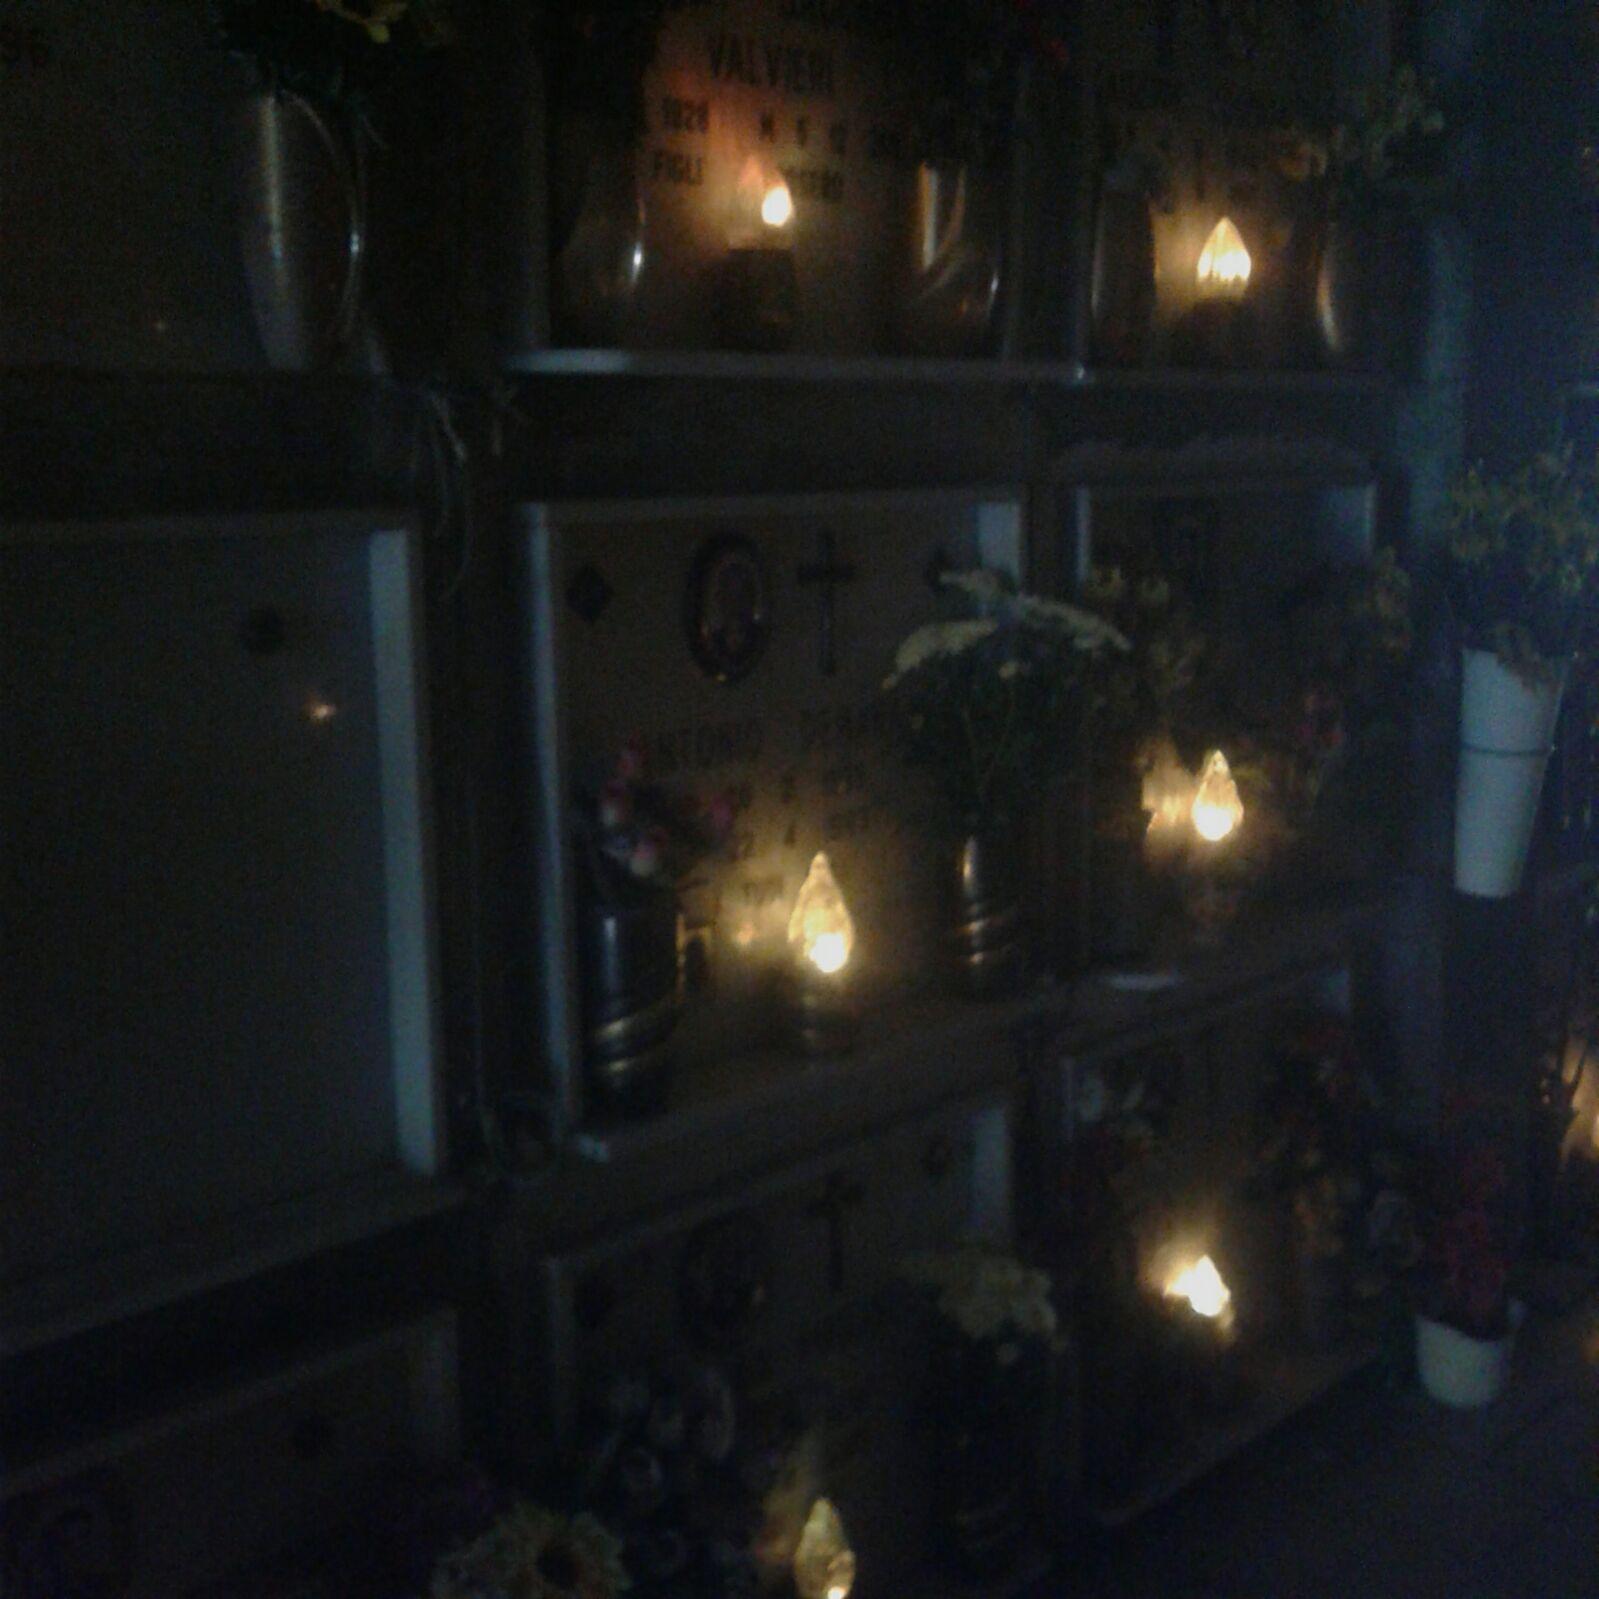 Piramide del cimitero al buio, nei corridoi solo la luce perpetua…